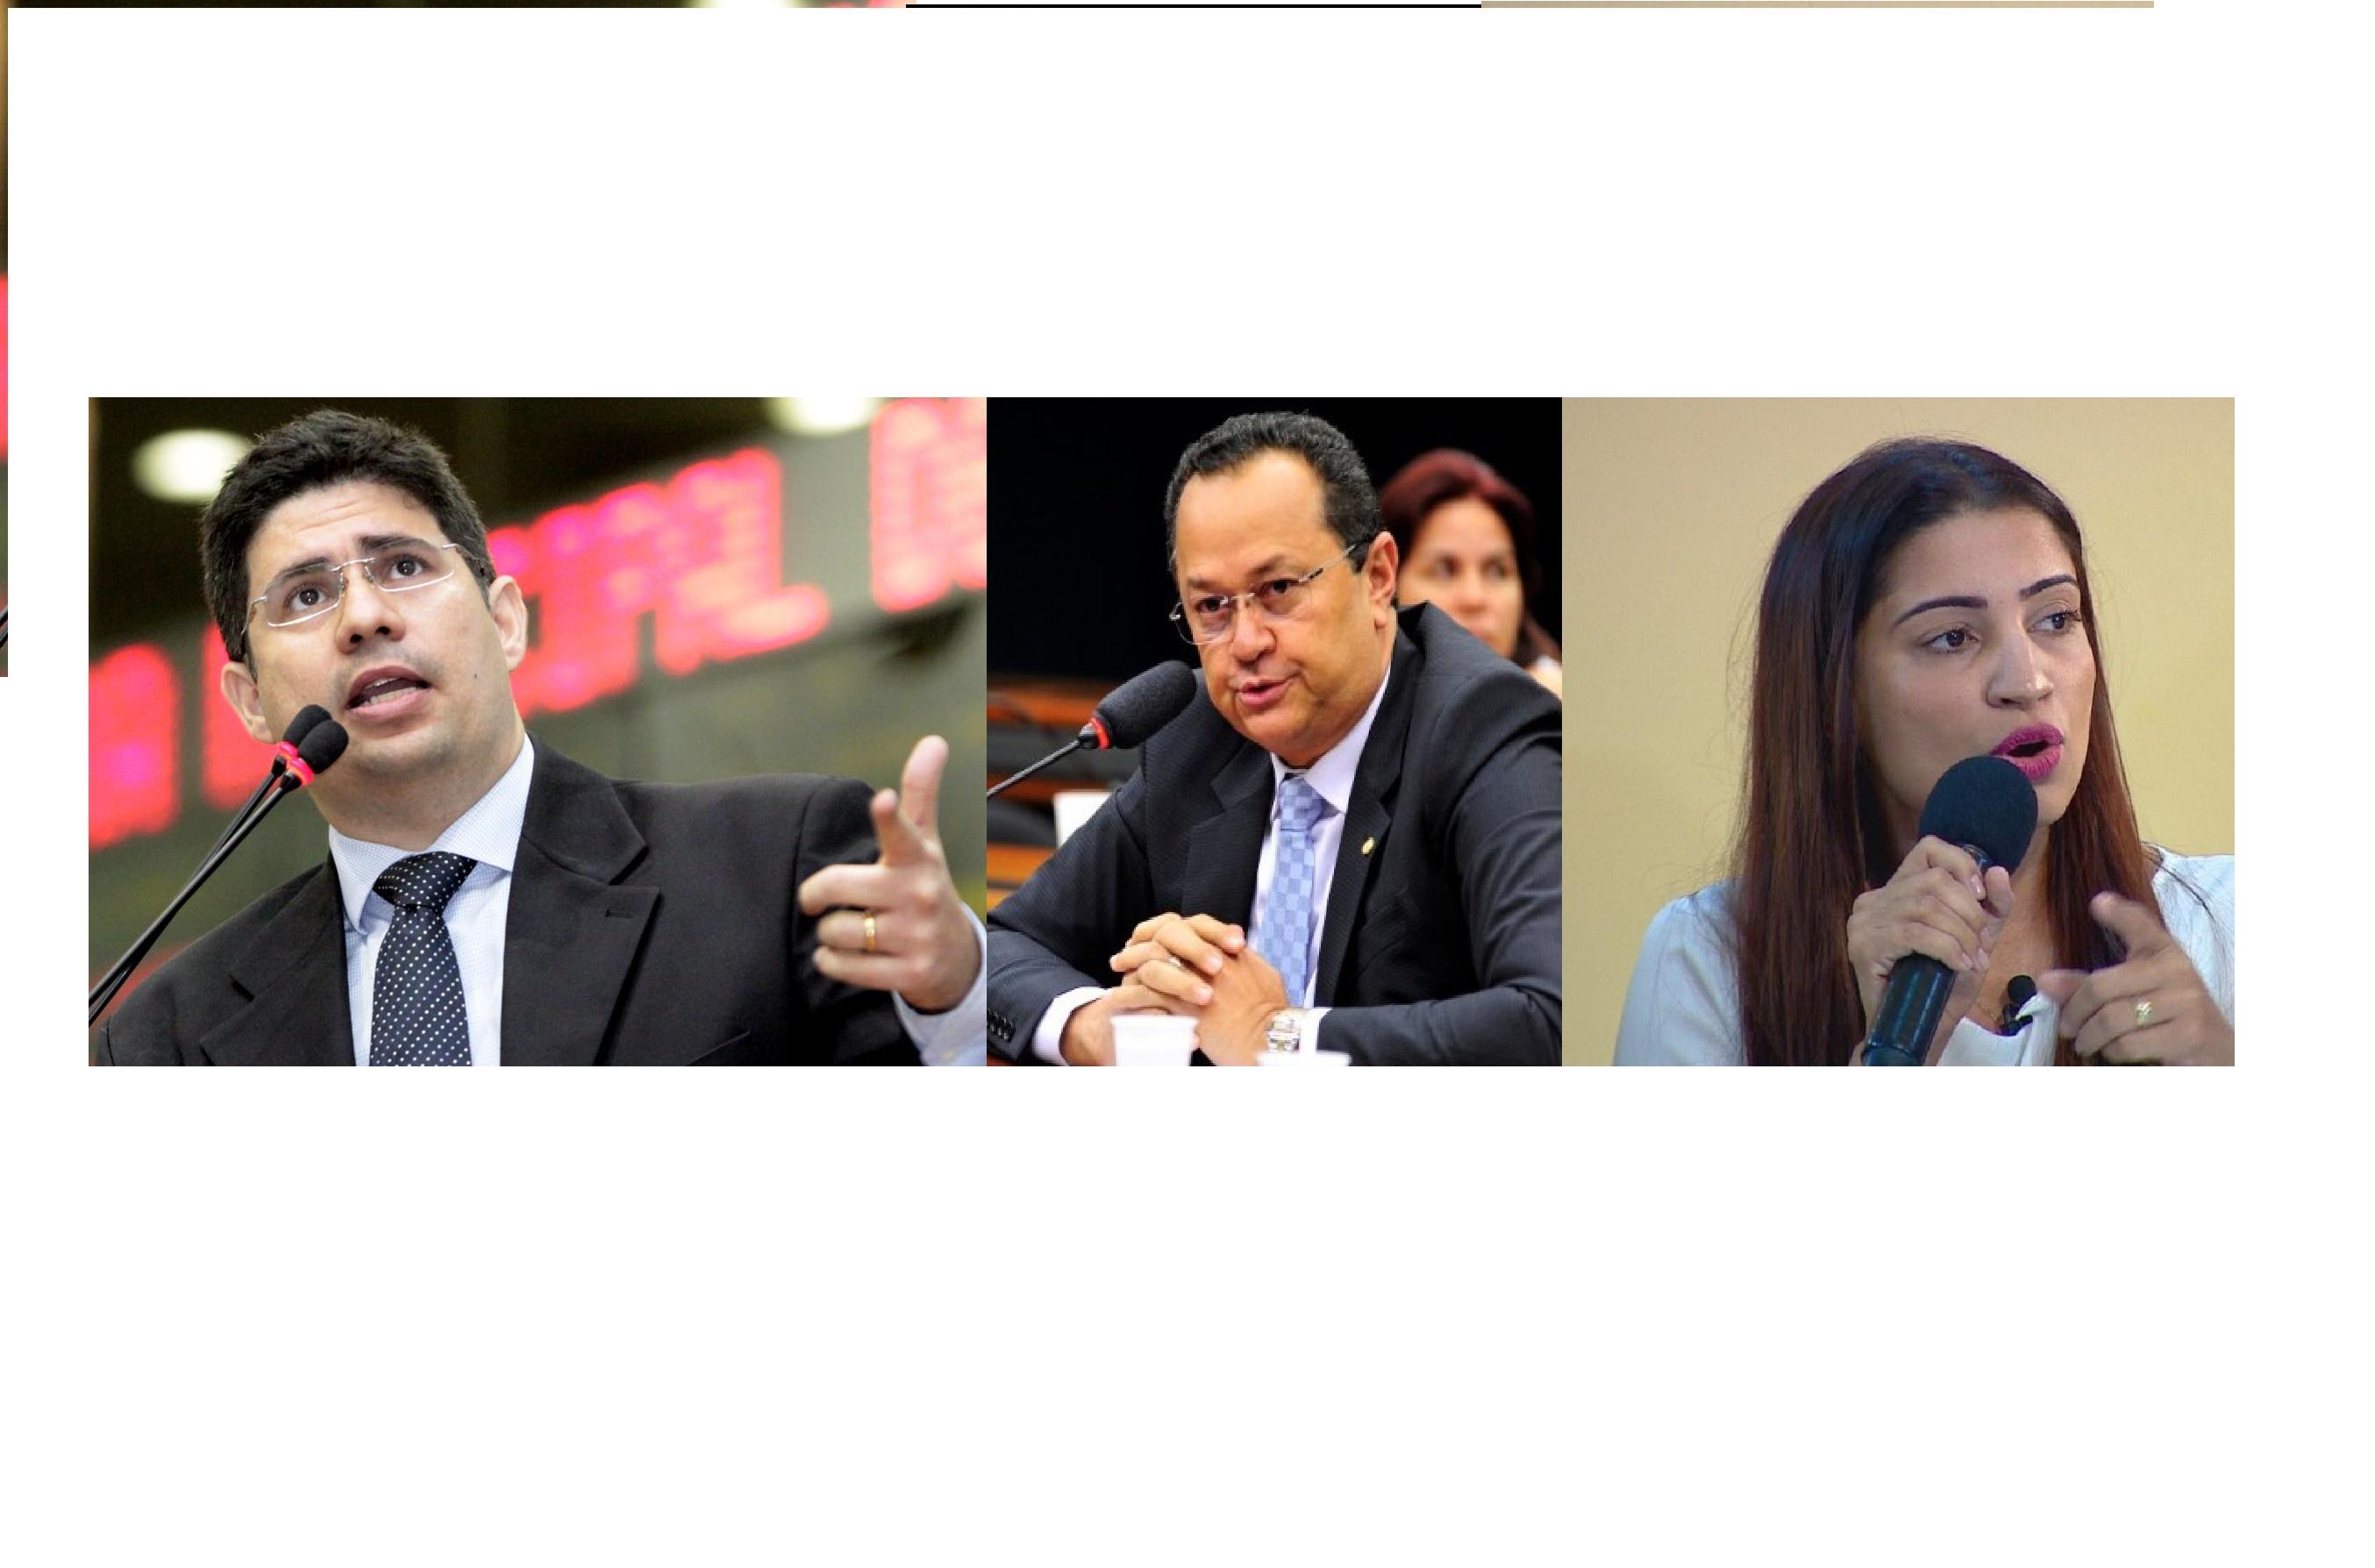 Hissa Abrahão, Liliane Araújo e Silas Câmara aparecem empatados em pesquisa para Câmara Federal